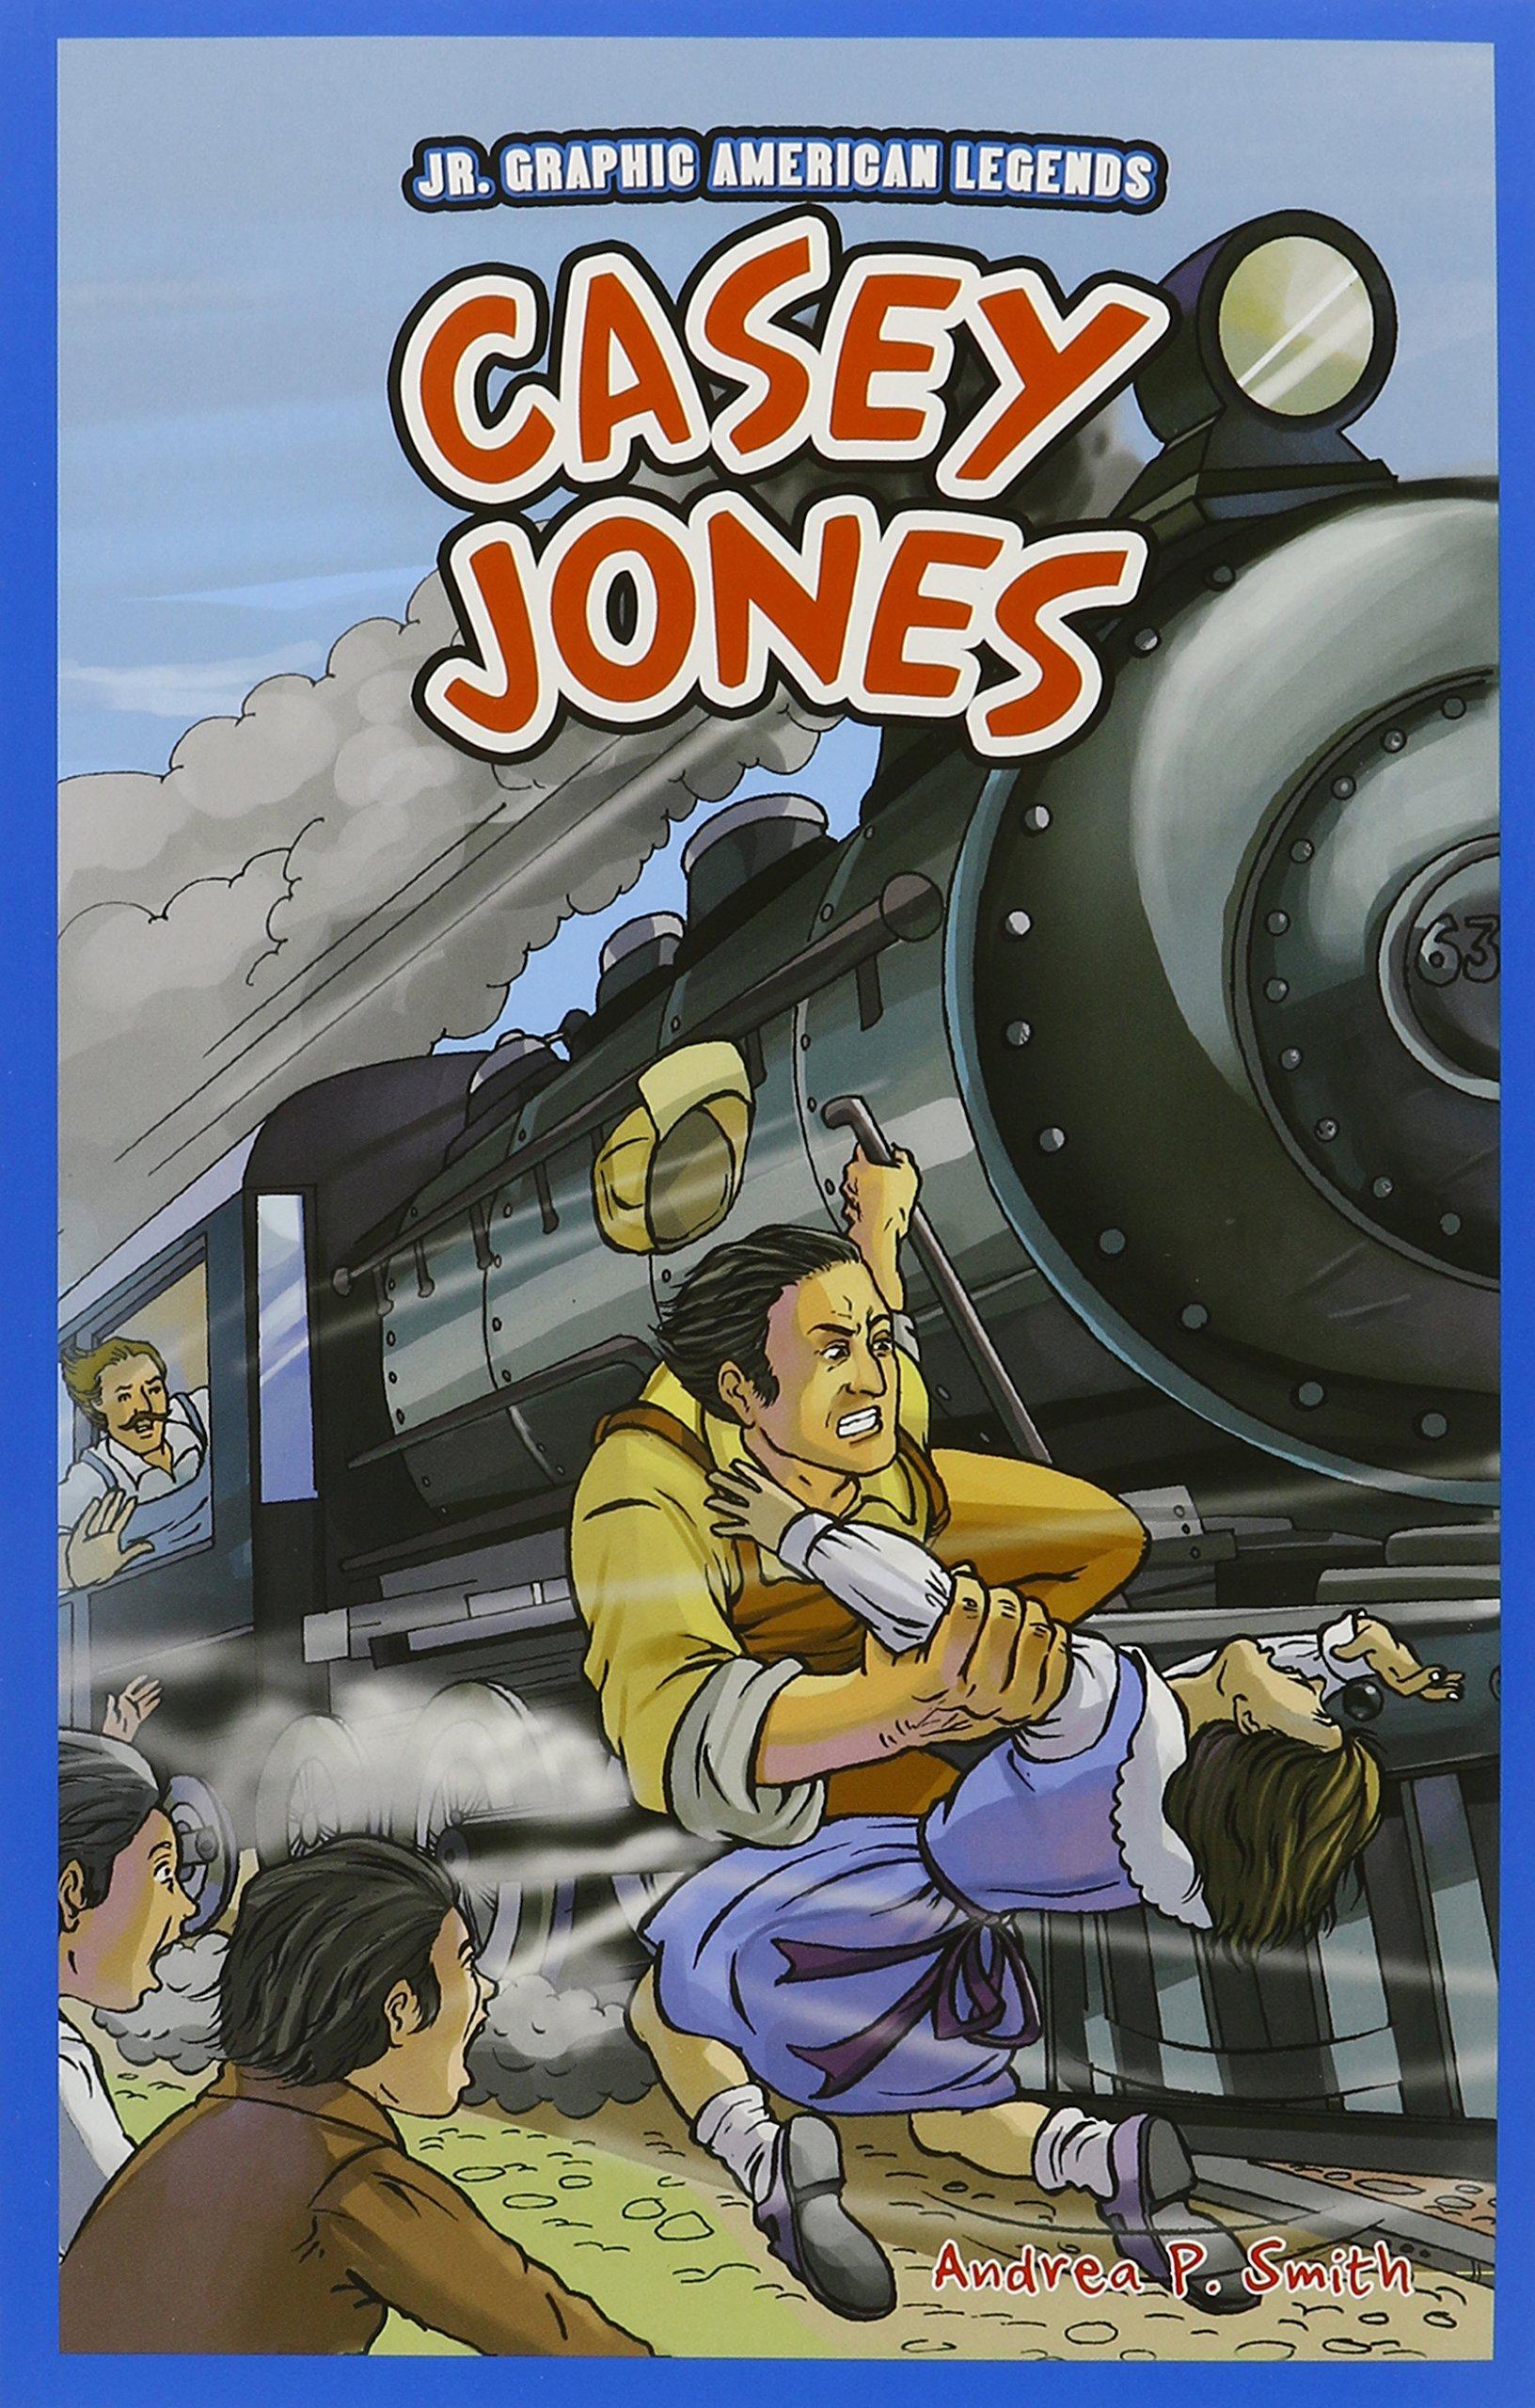 Casey Jones (JR. Graphic American Legends)